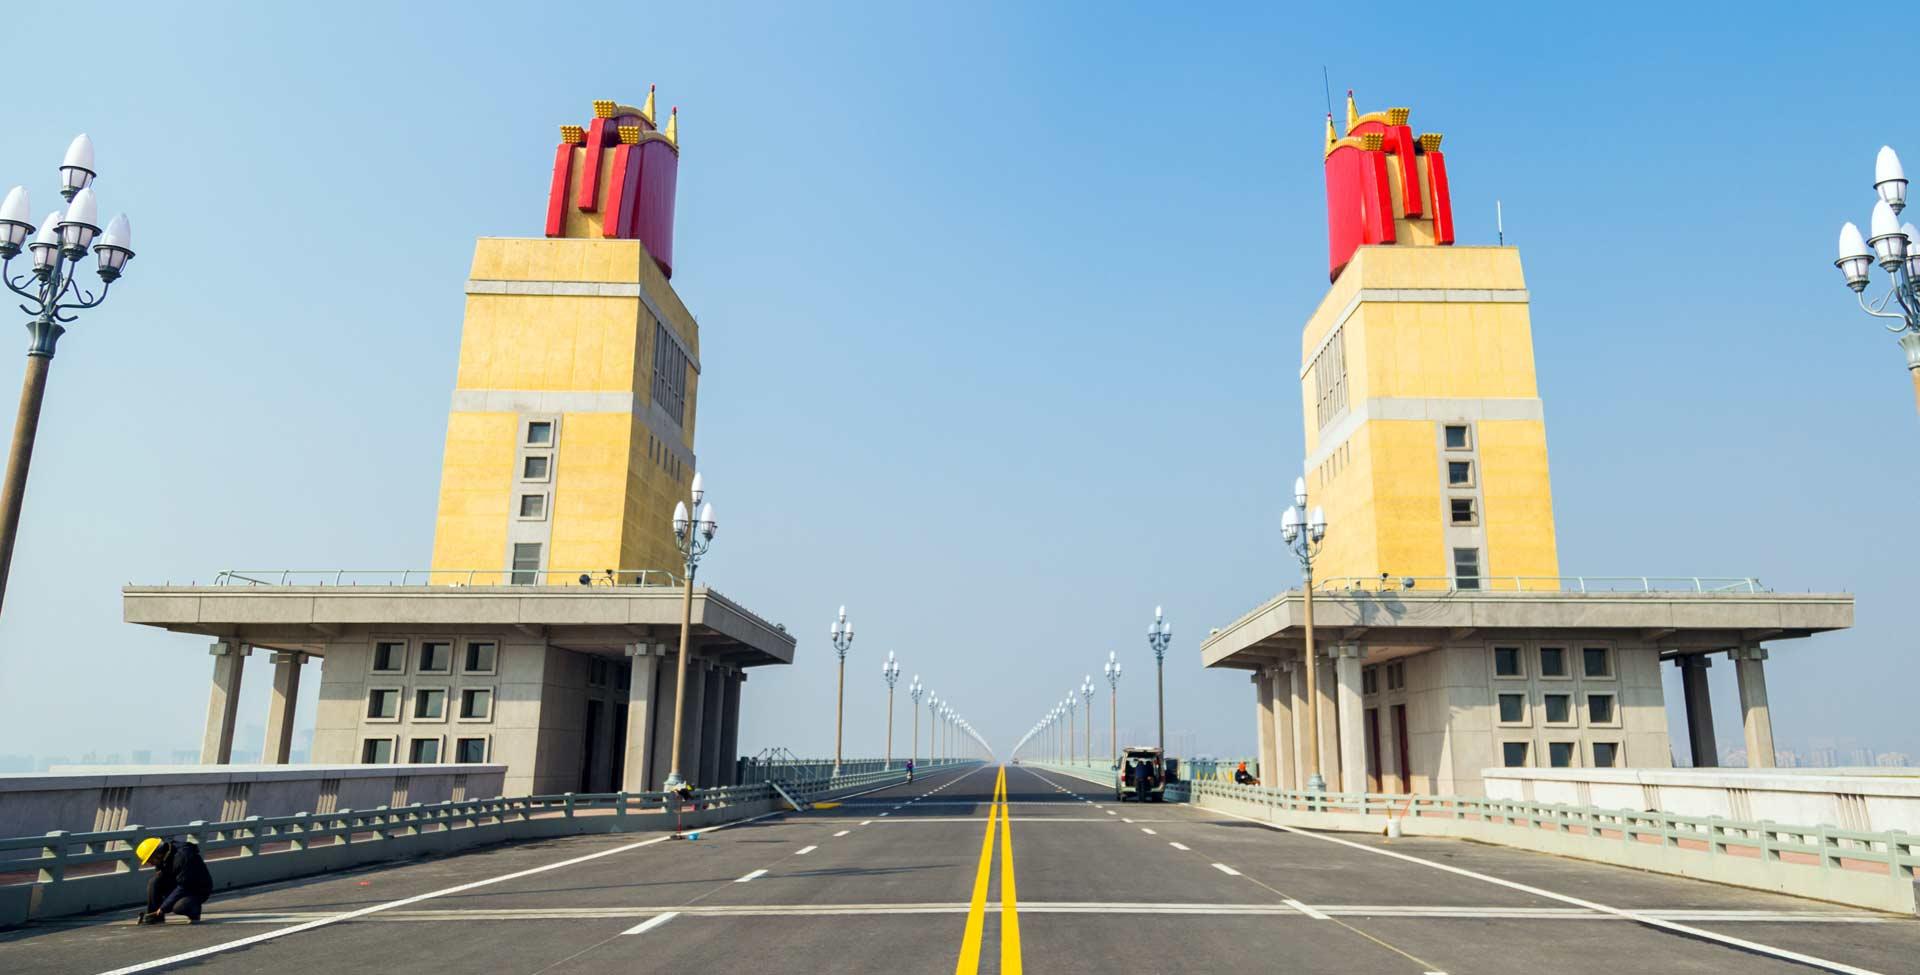 服役48年  南京長江大橋首次大修後重裝歸來